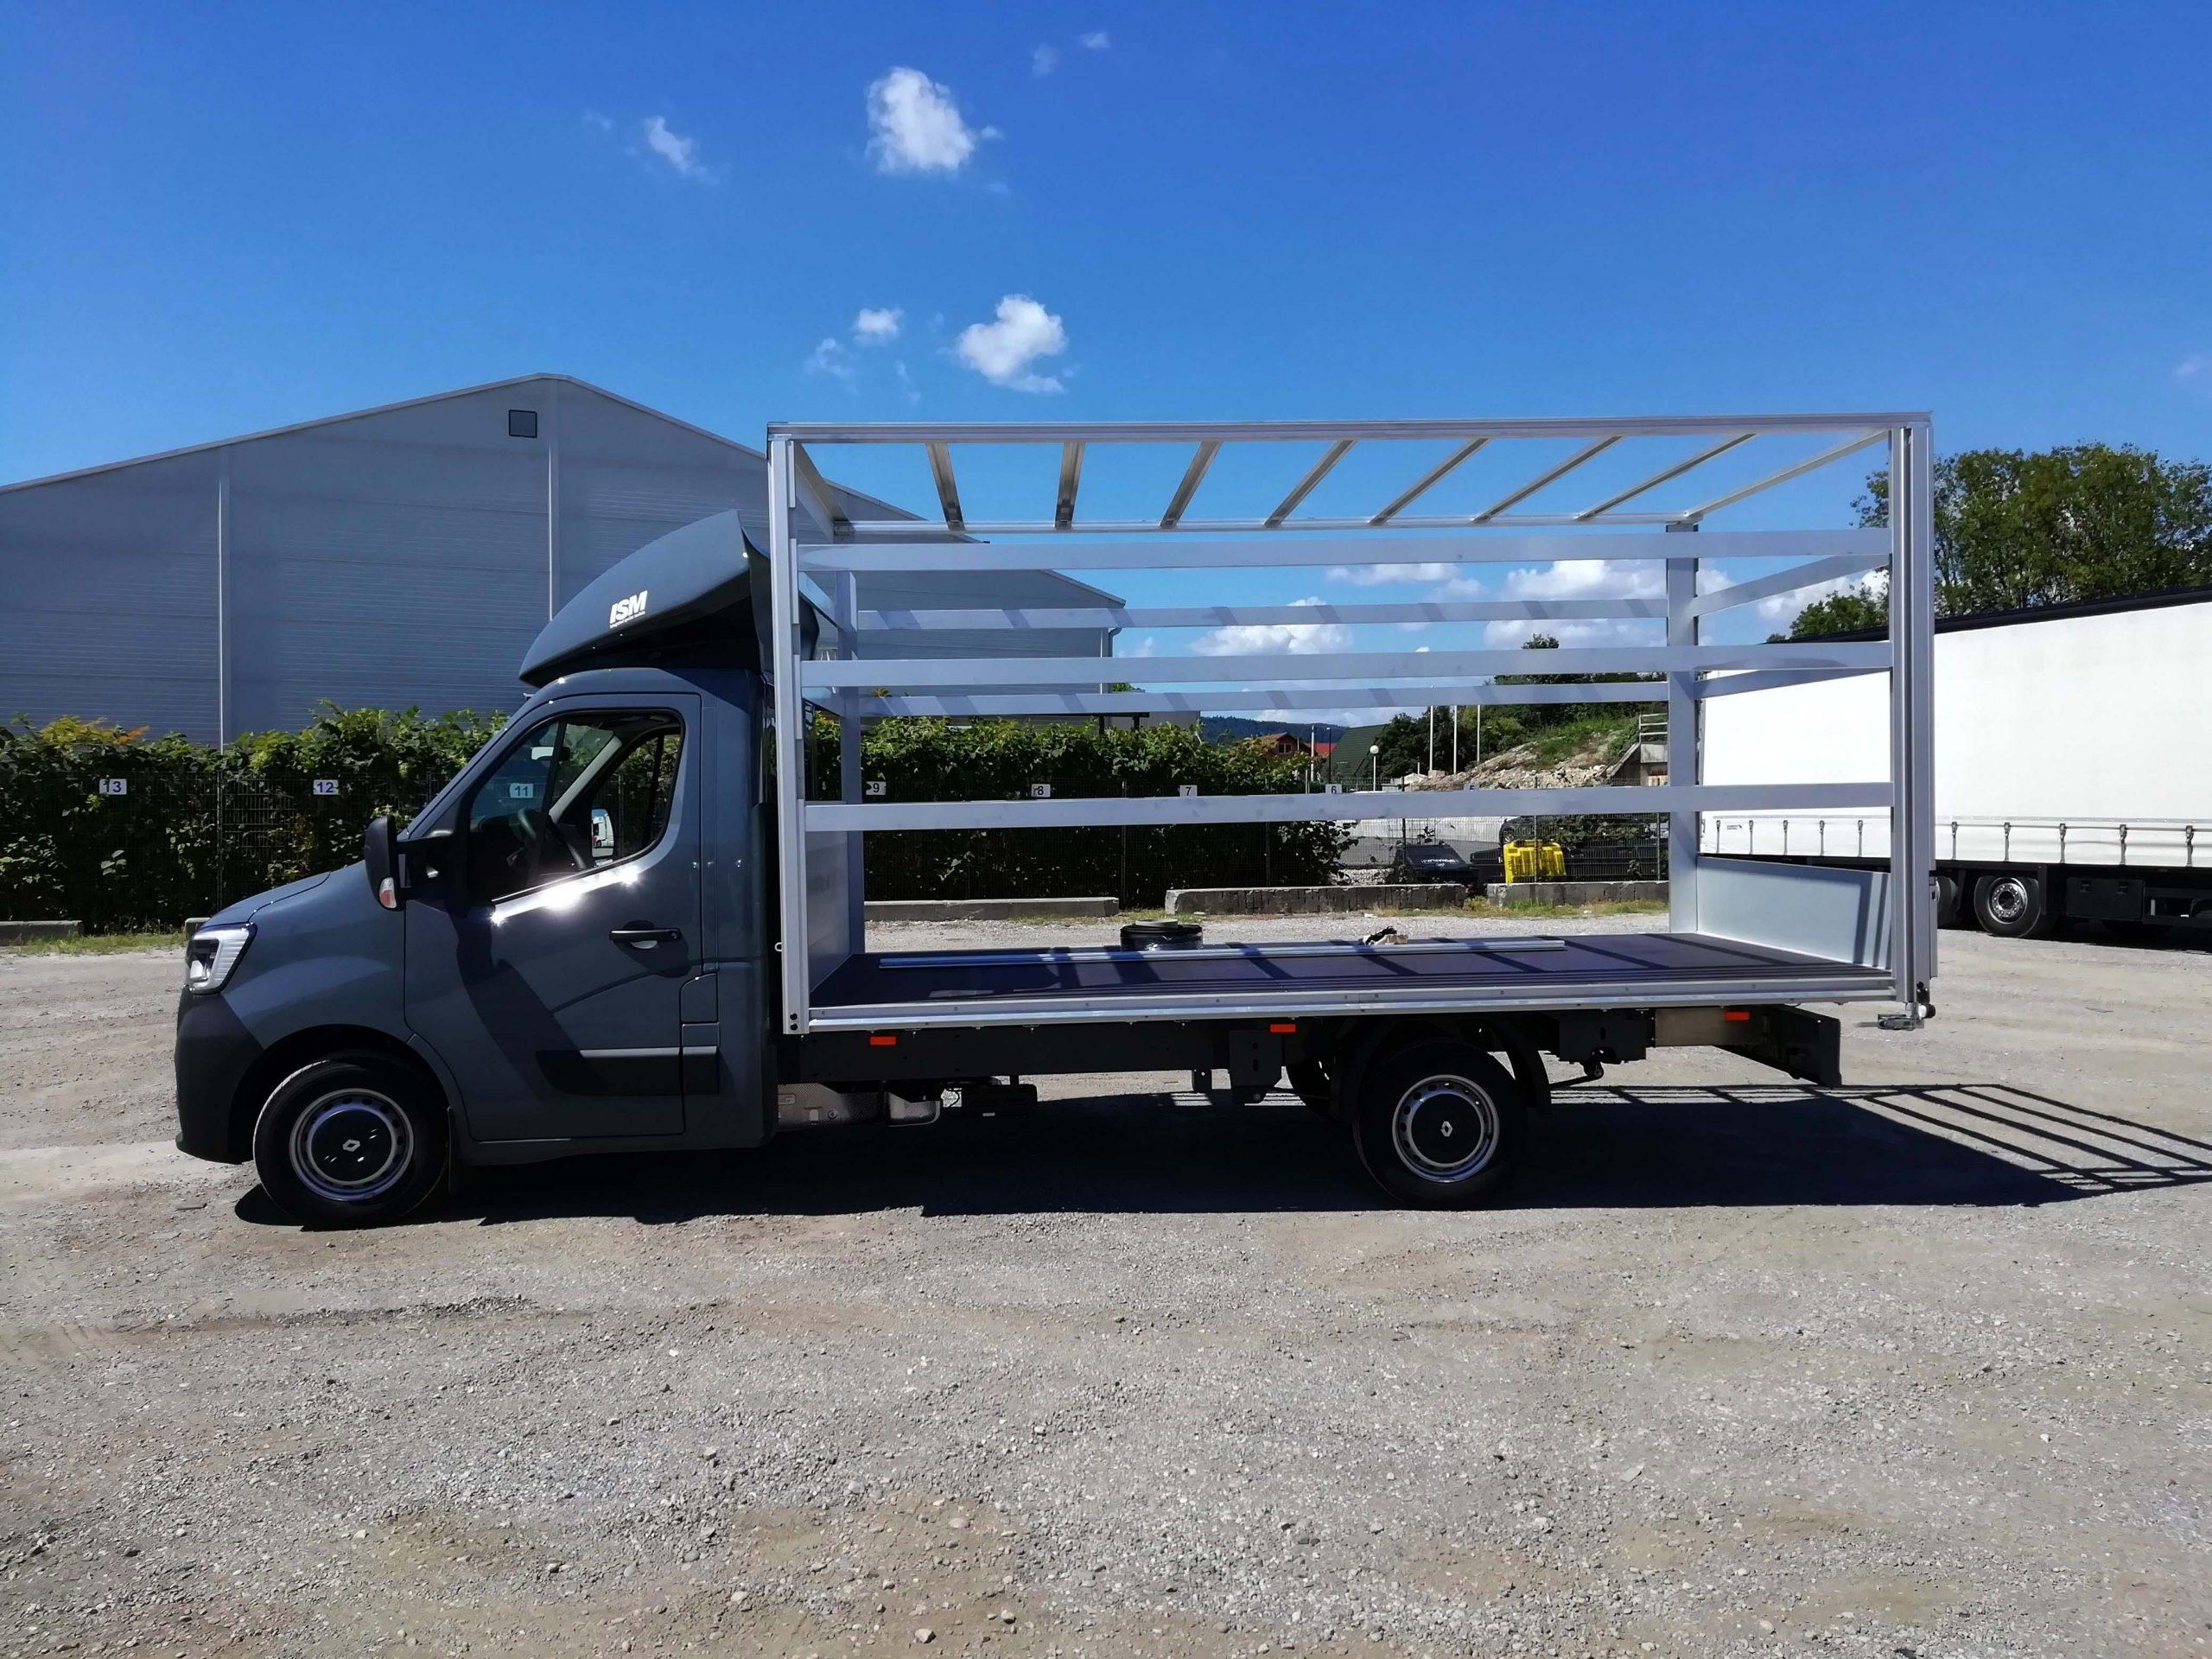 gospodarsko vozilo z aluminijasto nadgradnjo